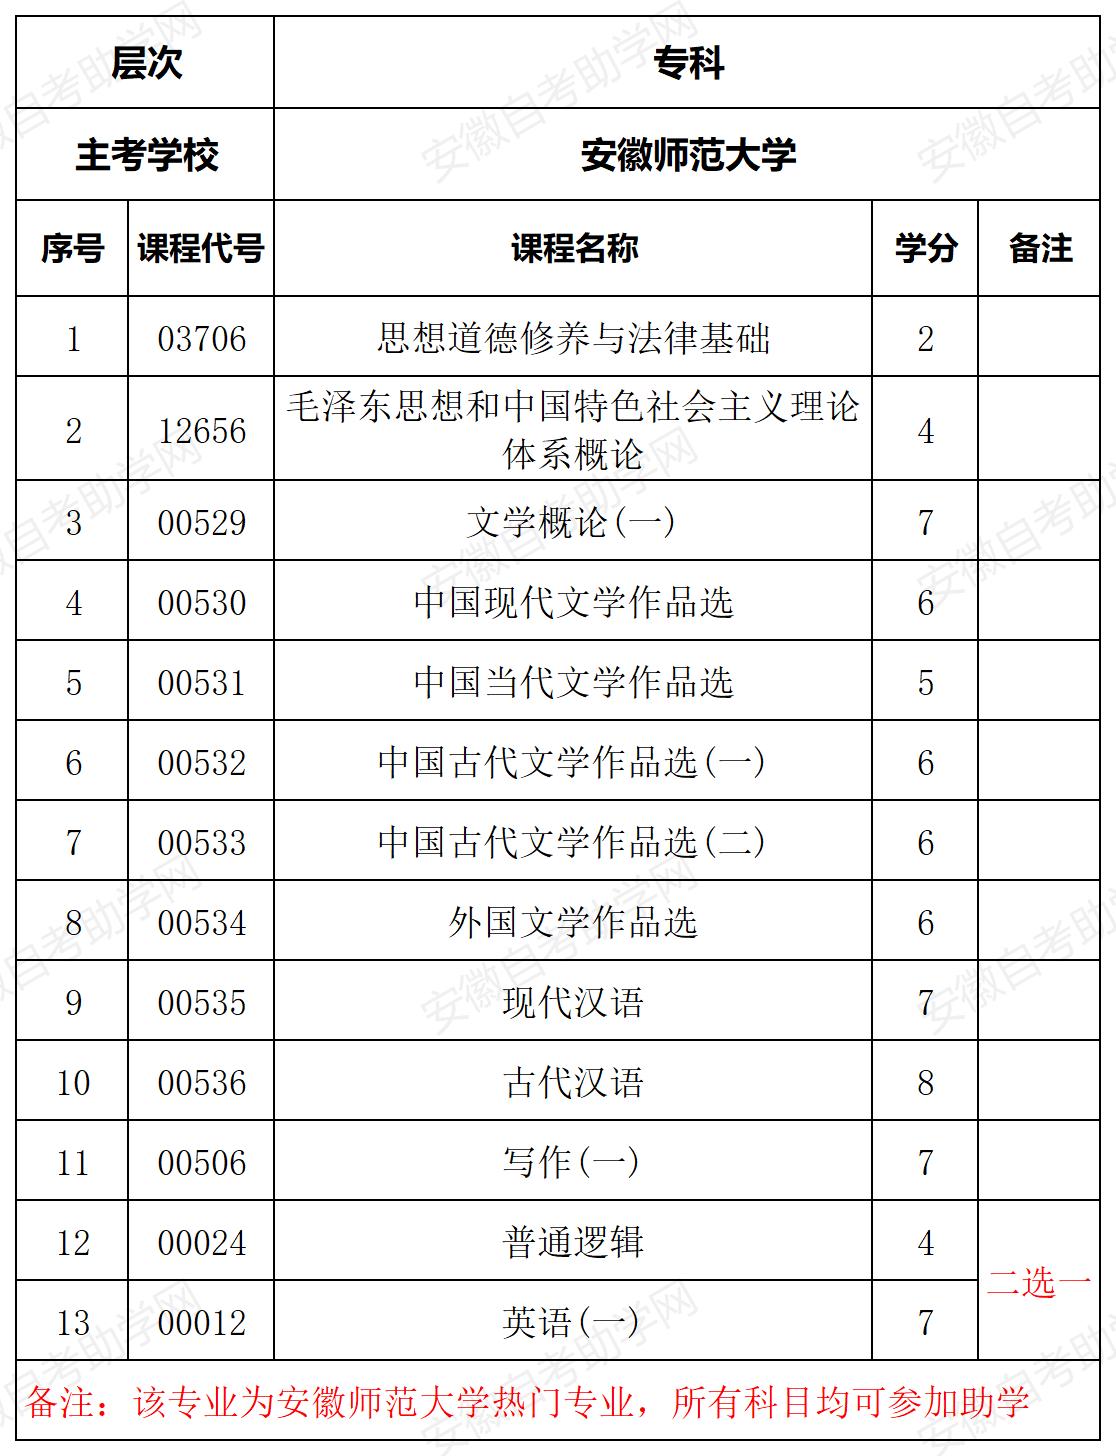 安徽师范大学汉语言文学专科专业计划